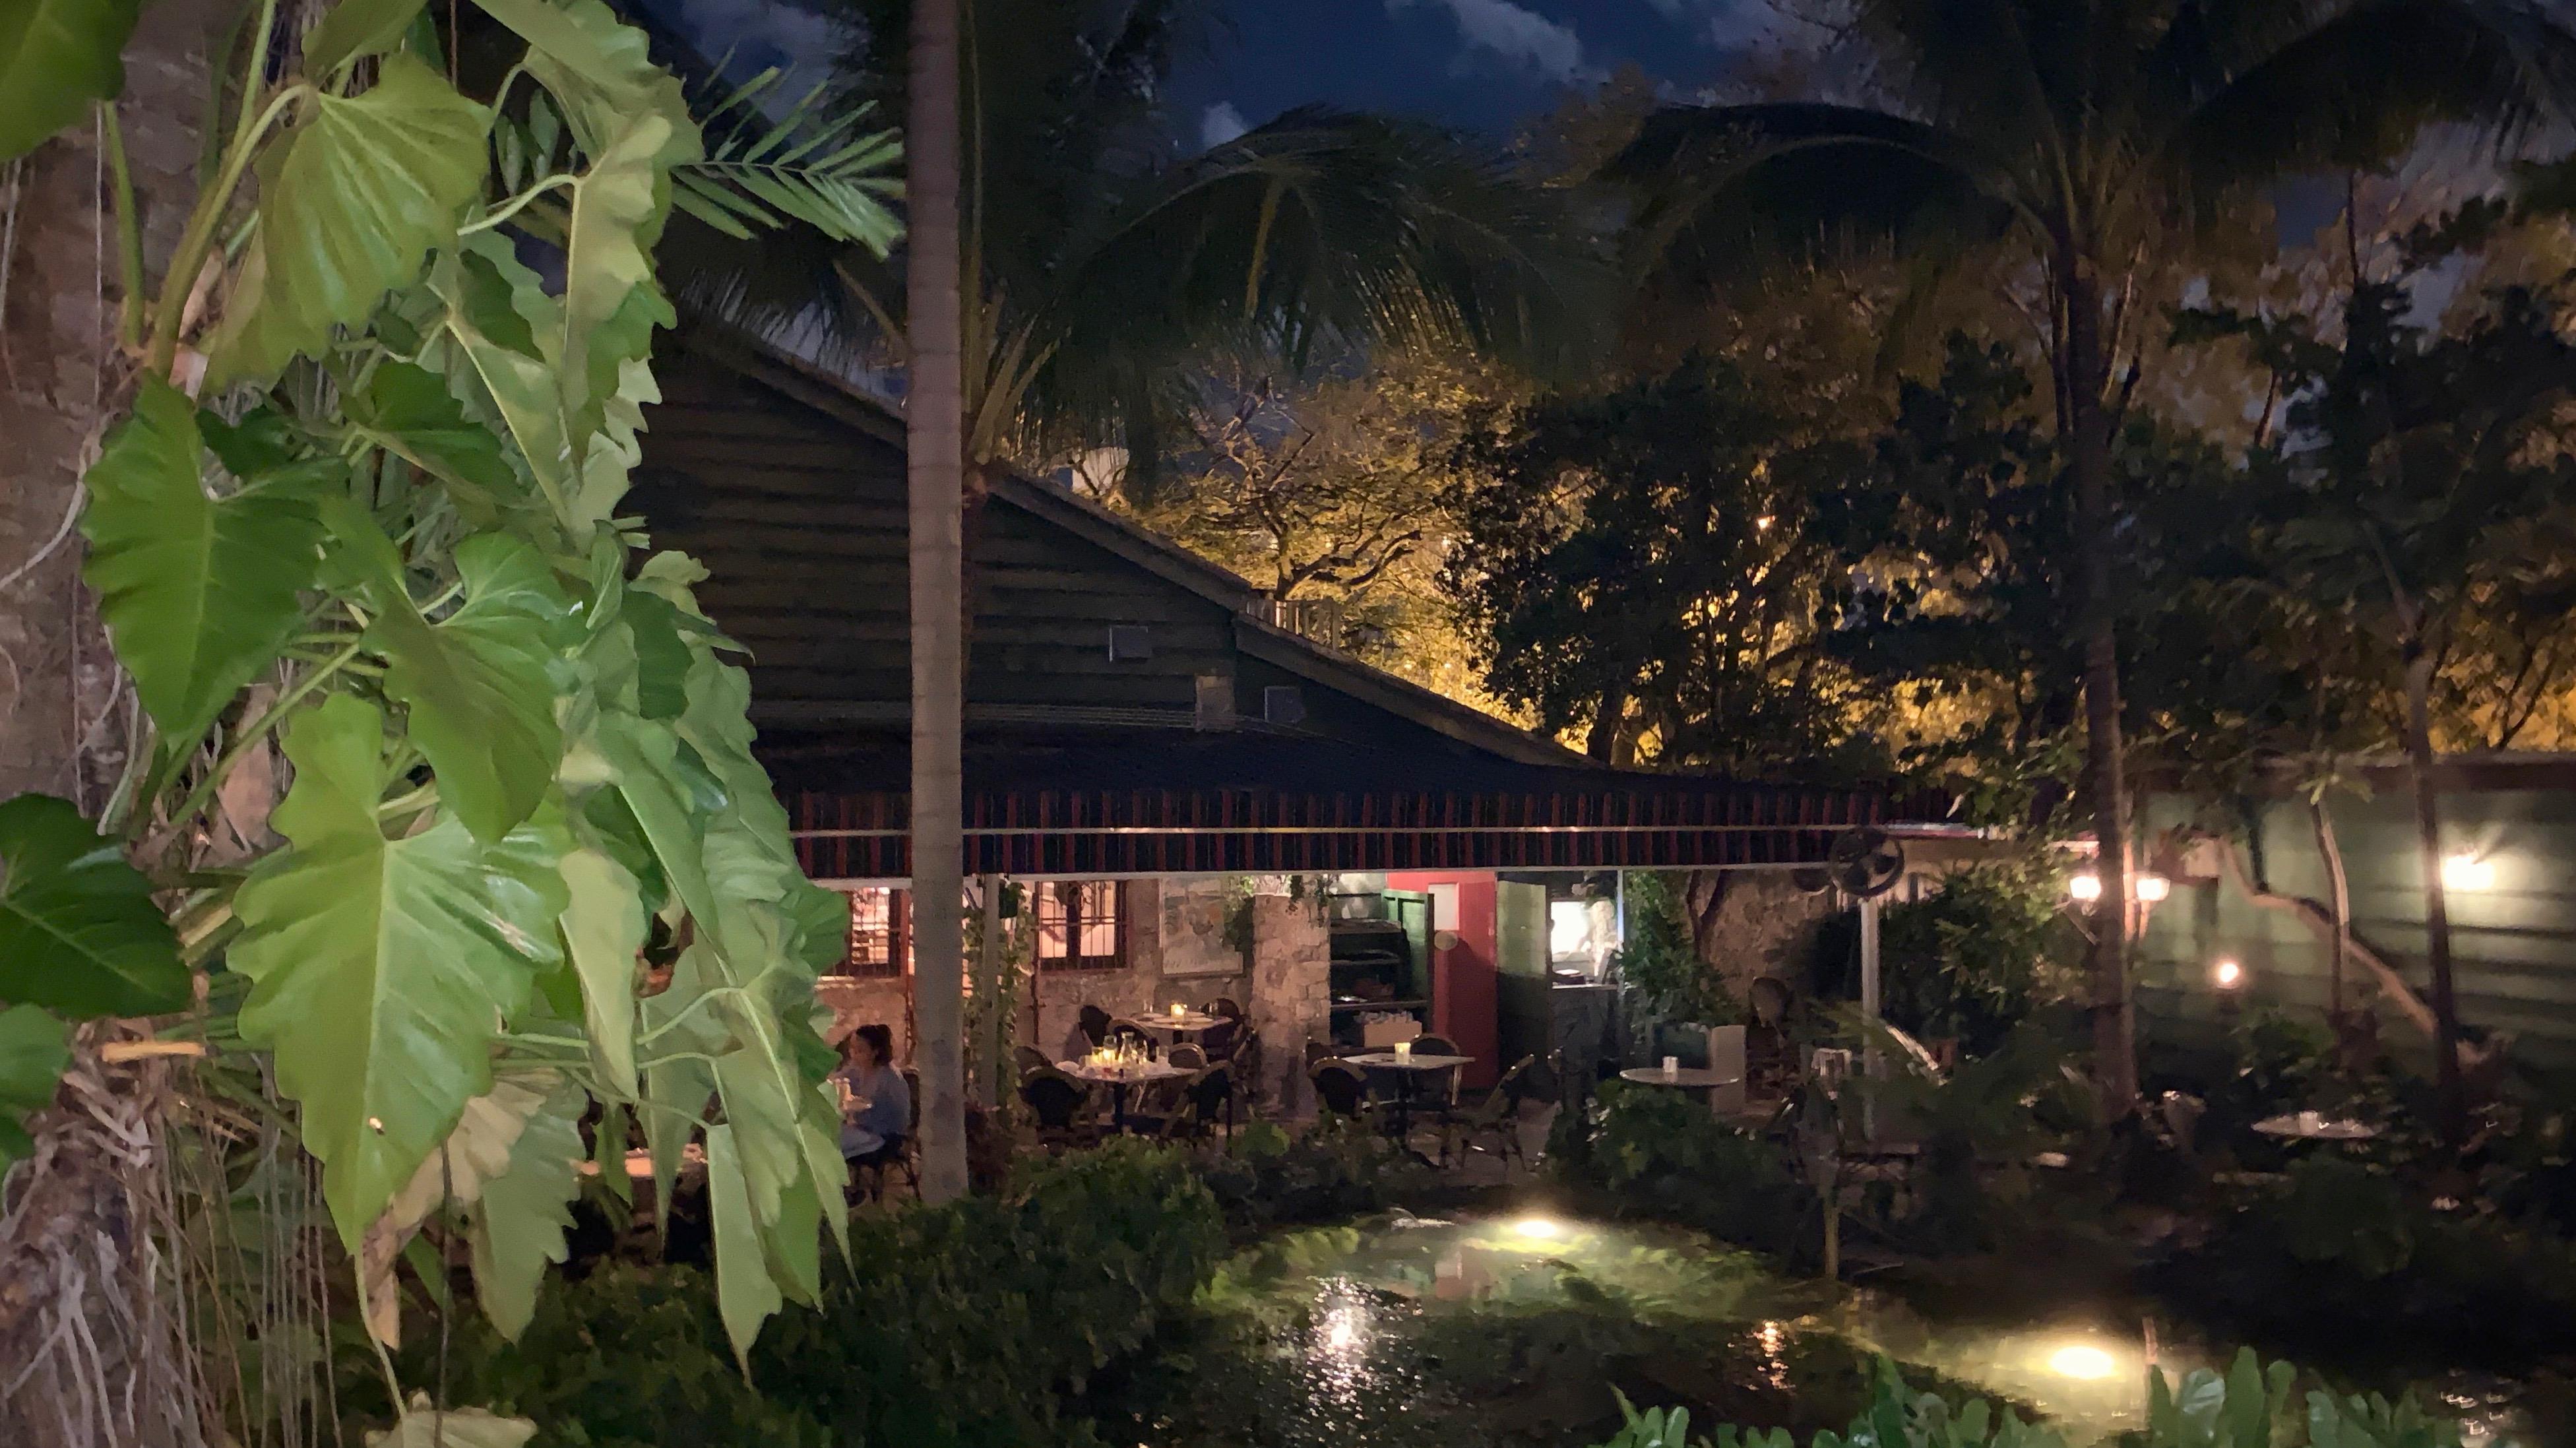 40 plus years of memories in Miami Shores